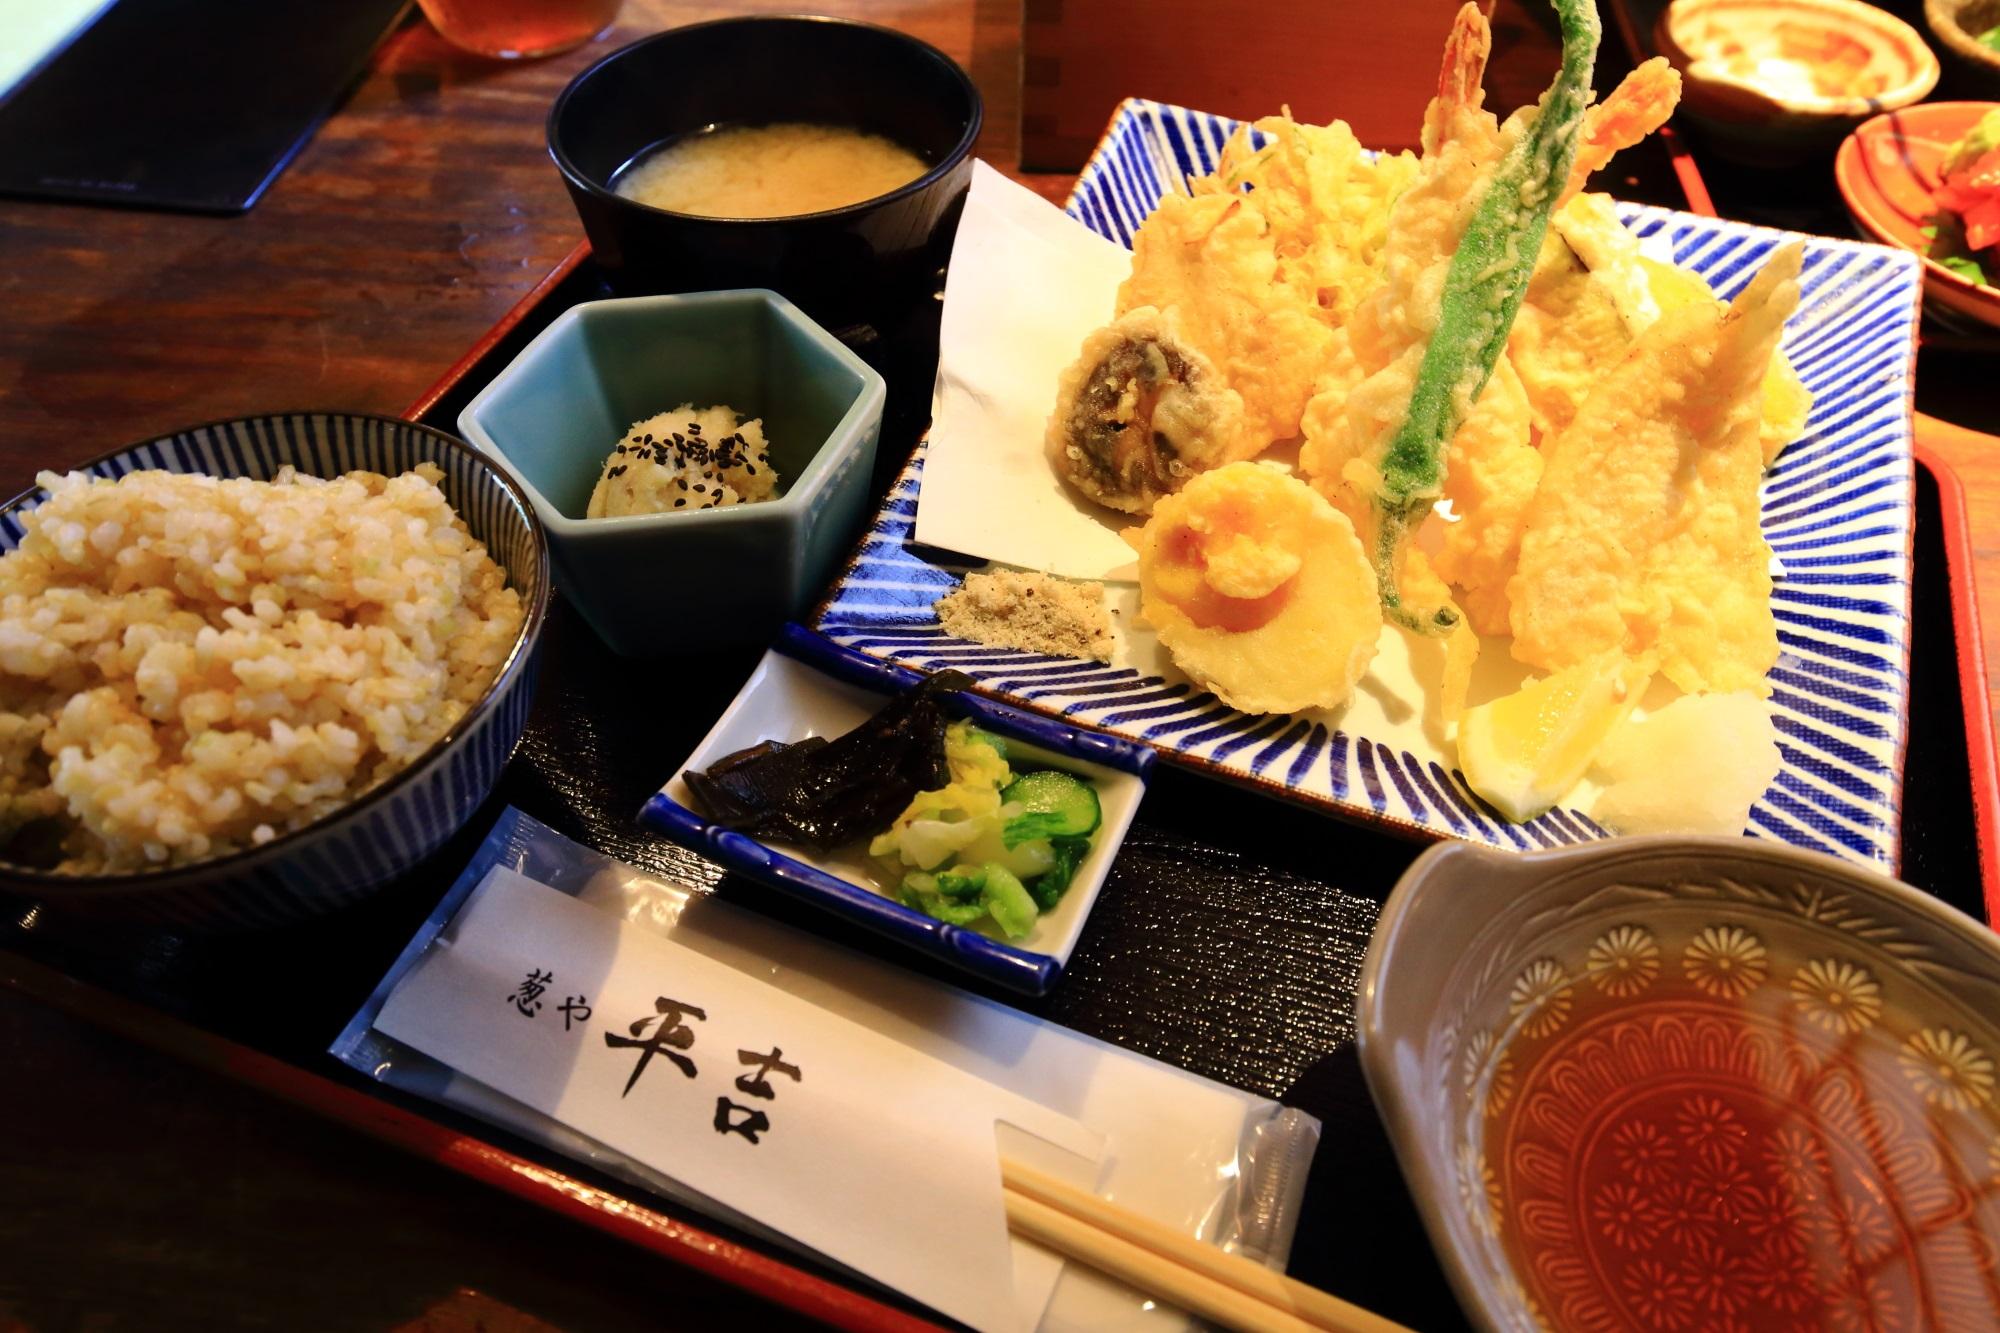 御飯とお味噌汁お代わり自由の葱や平吉の天ぷら定食